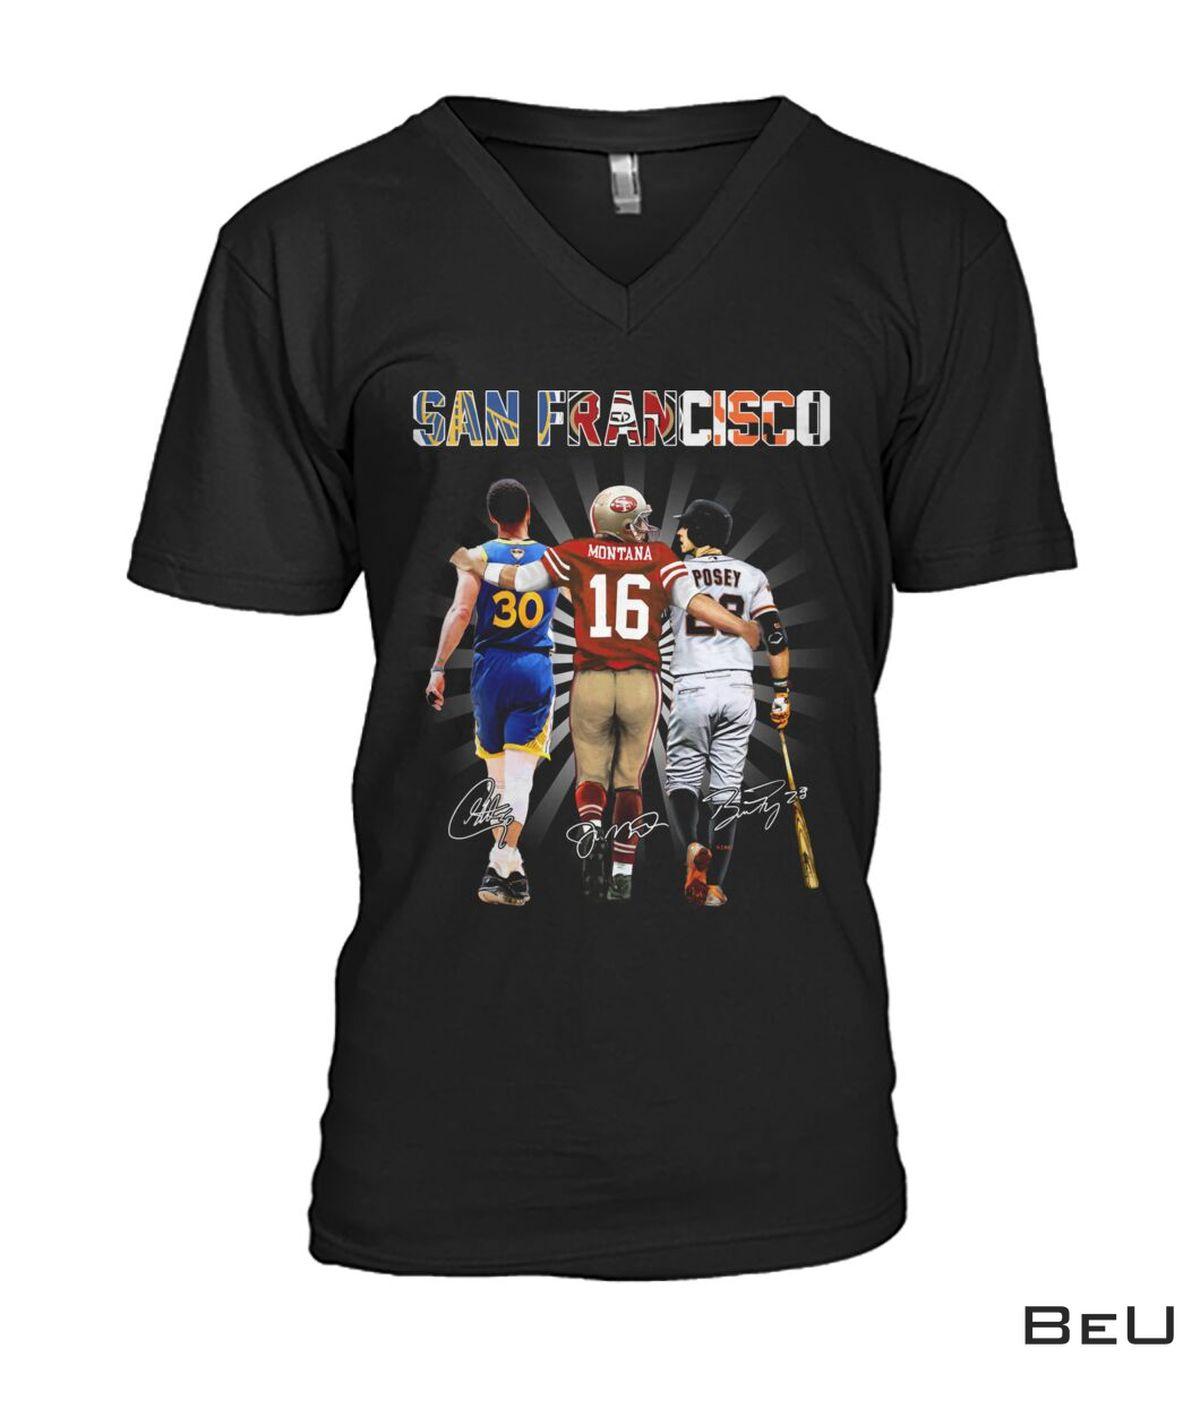 San Francisco Montana Shirt x